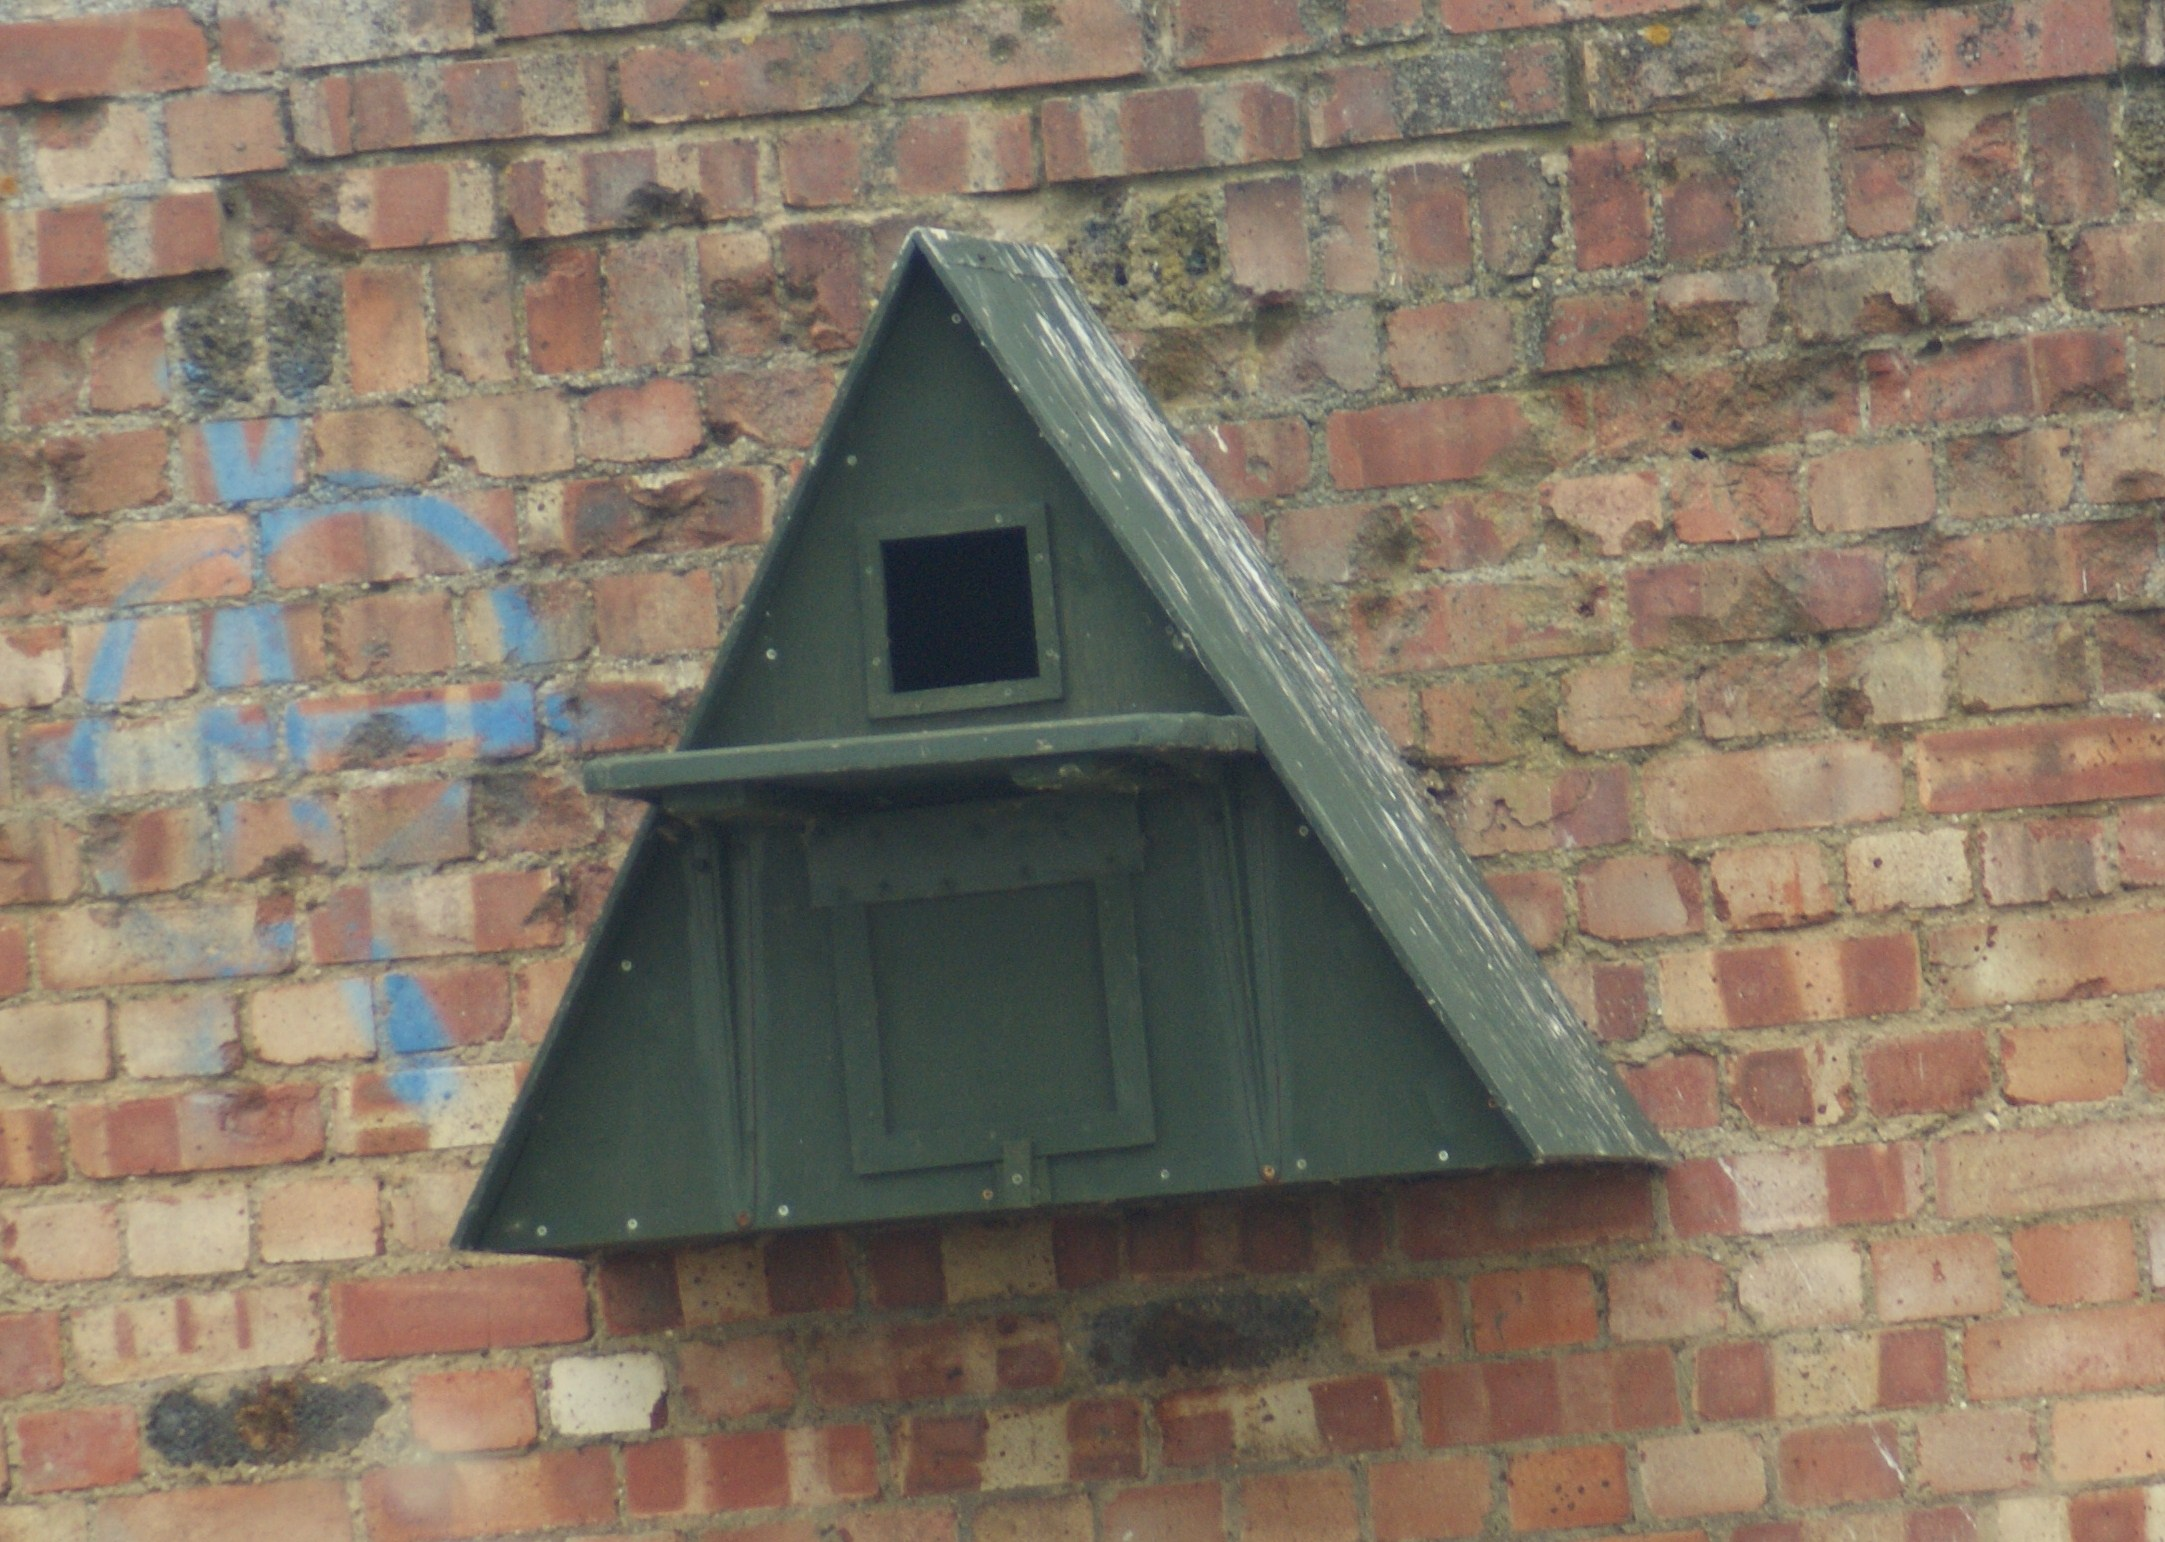 Owl Nesting Box File:barn Owl Nest Box.jpg